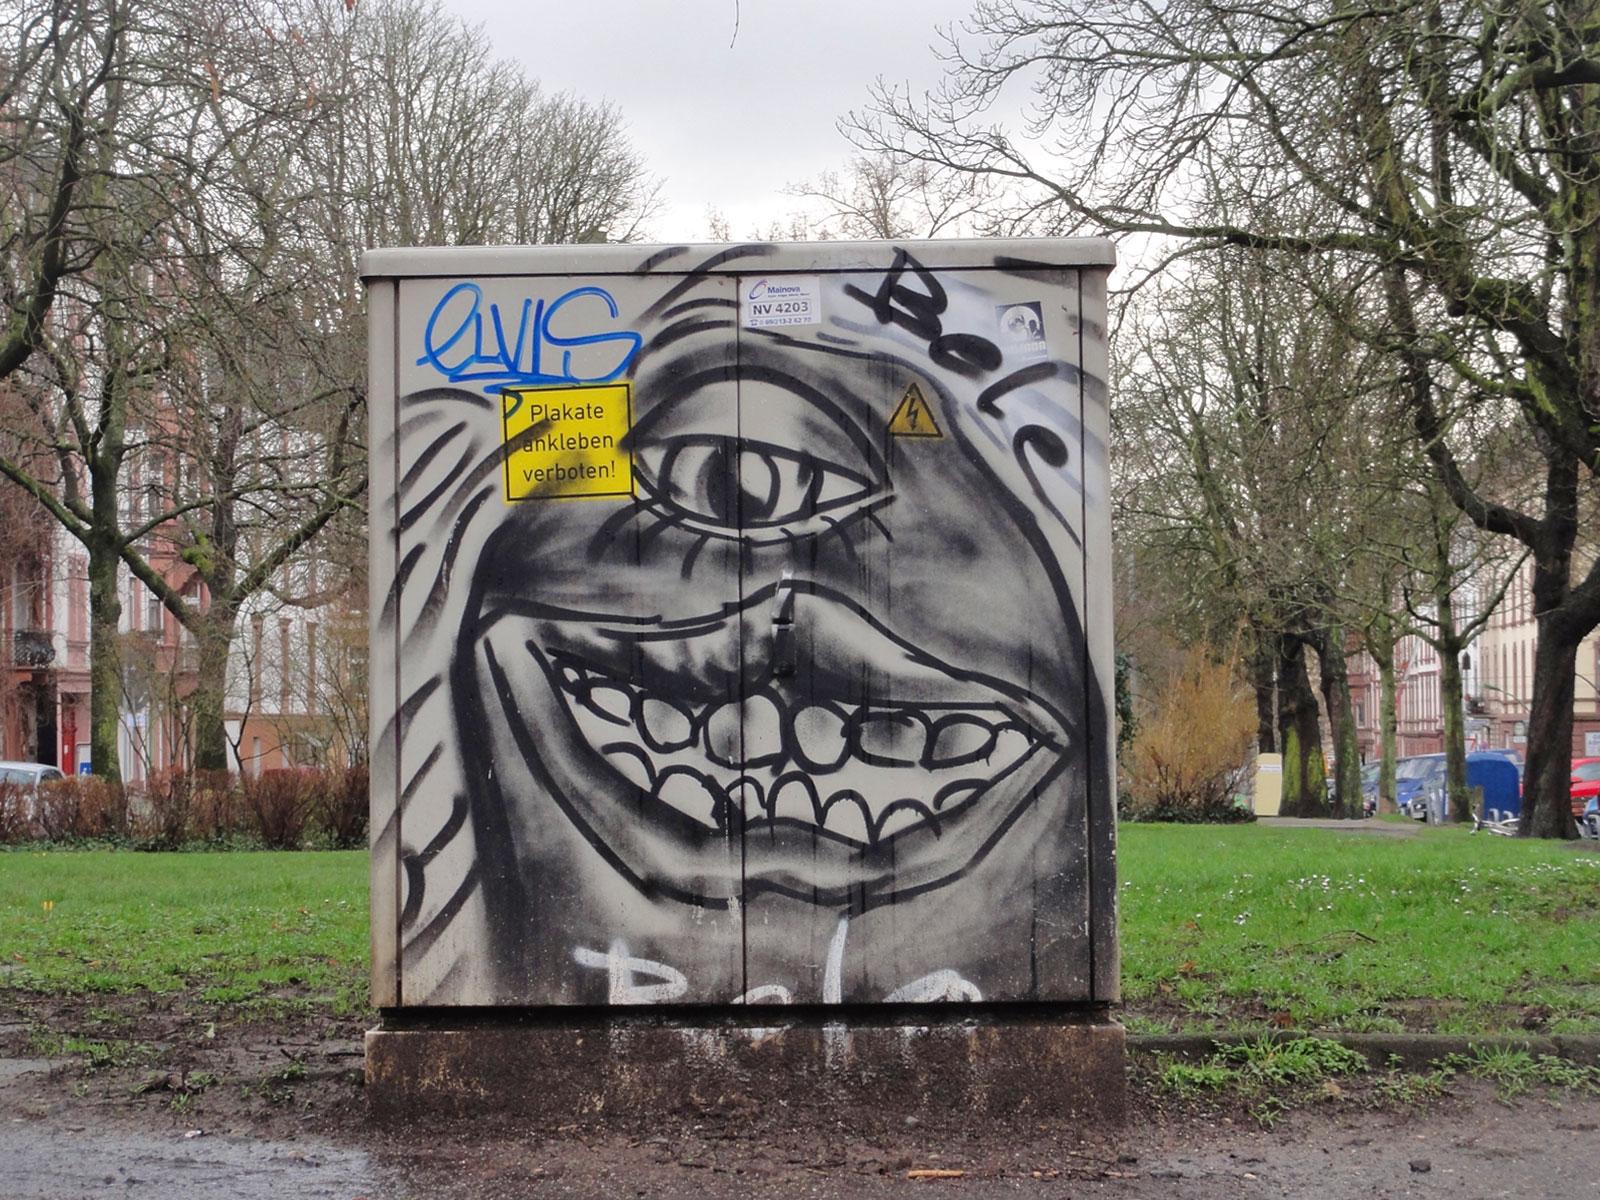 Streetart an einem Elektrokasten in Frankfurt von BELE